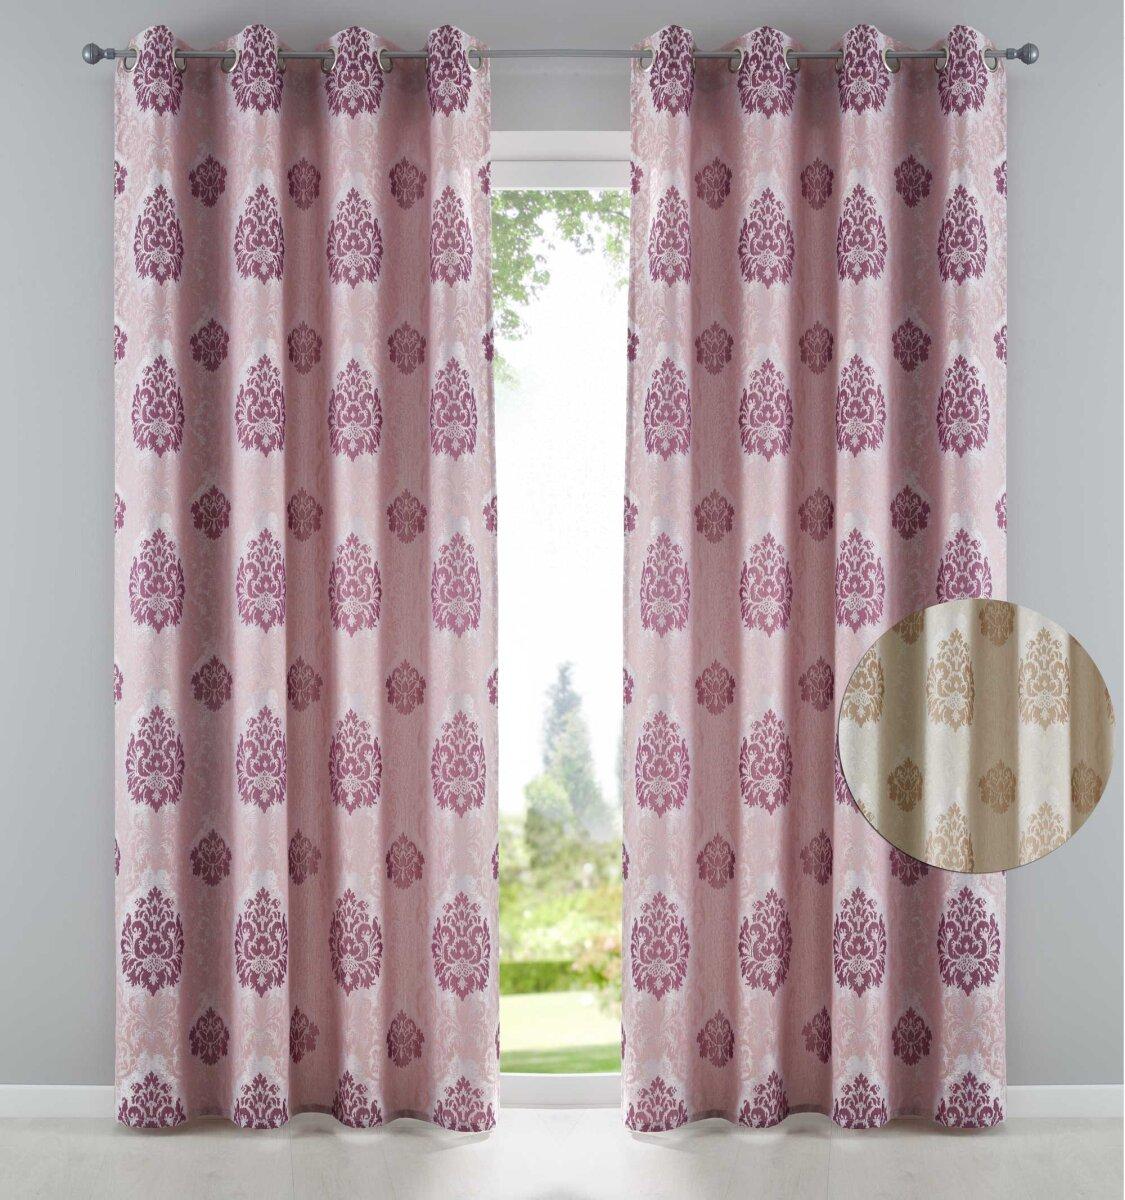 Vorhang gardine izmir senschal blickdicht barock for Vorhang blickdicht